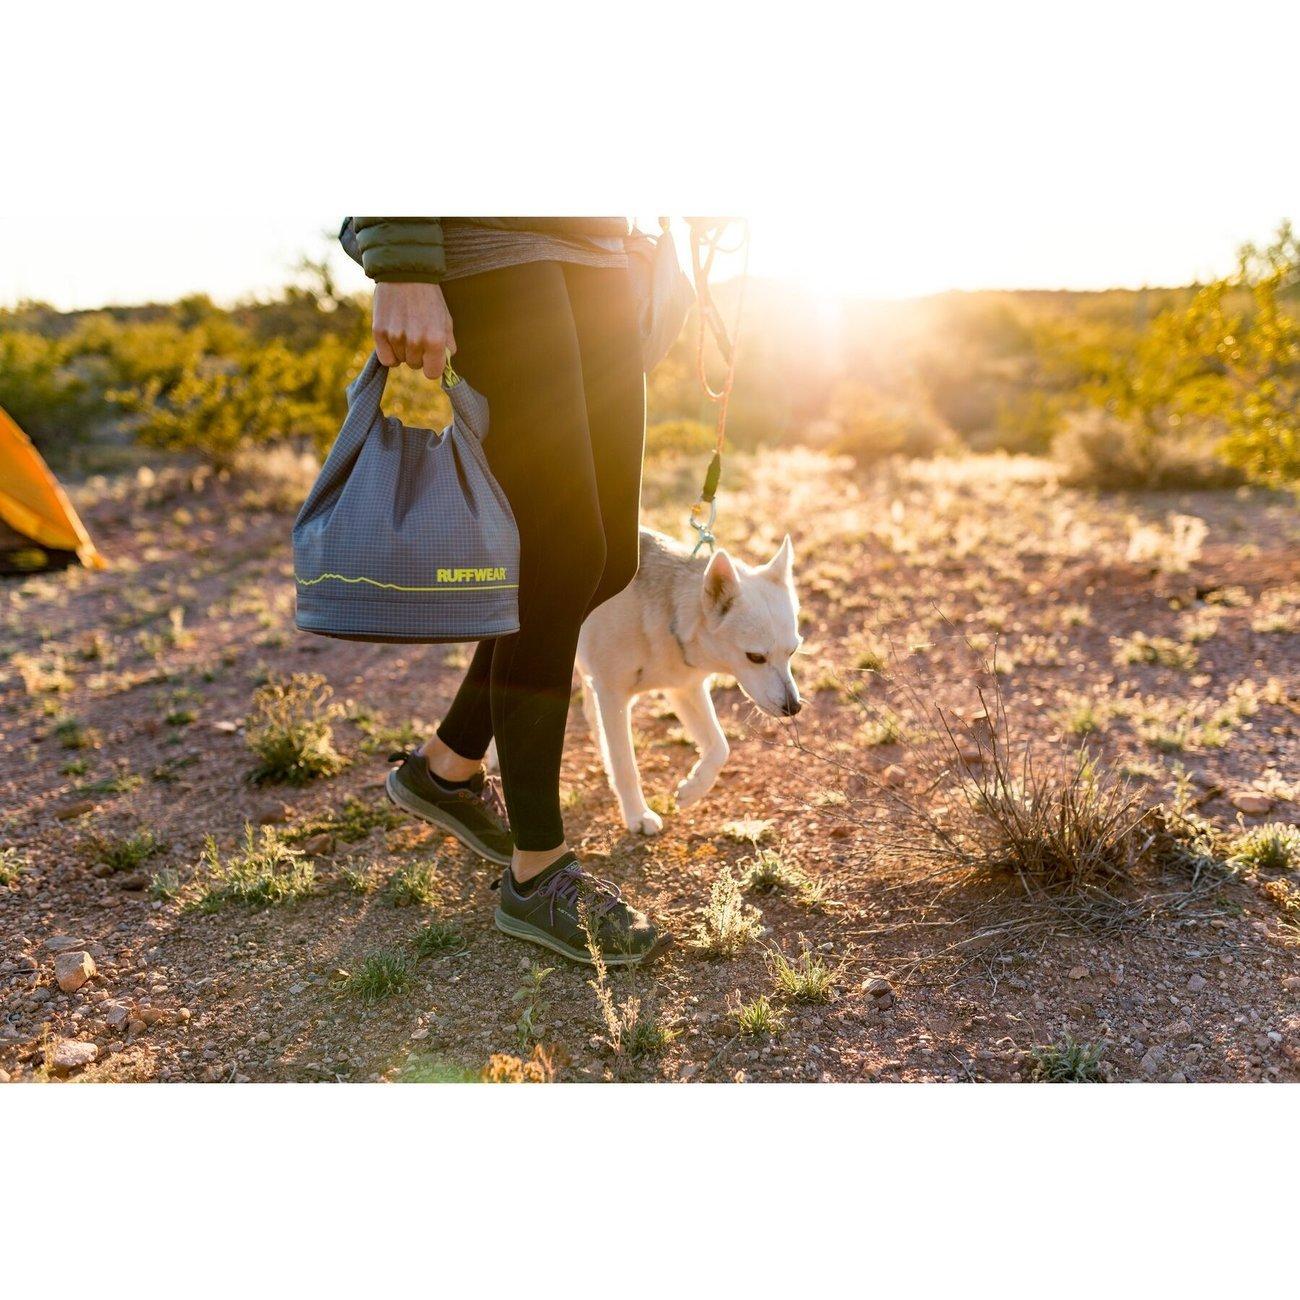 Ruffwear Kibble Kaddie Hundefutter Behälter, Bild 11